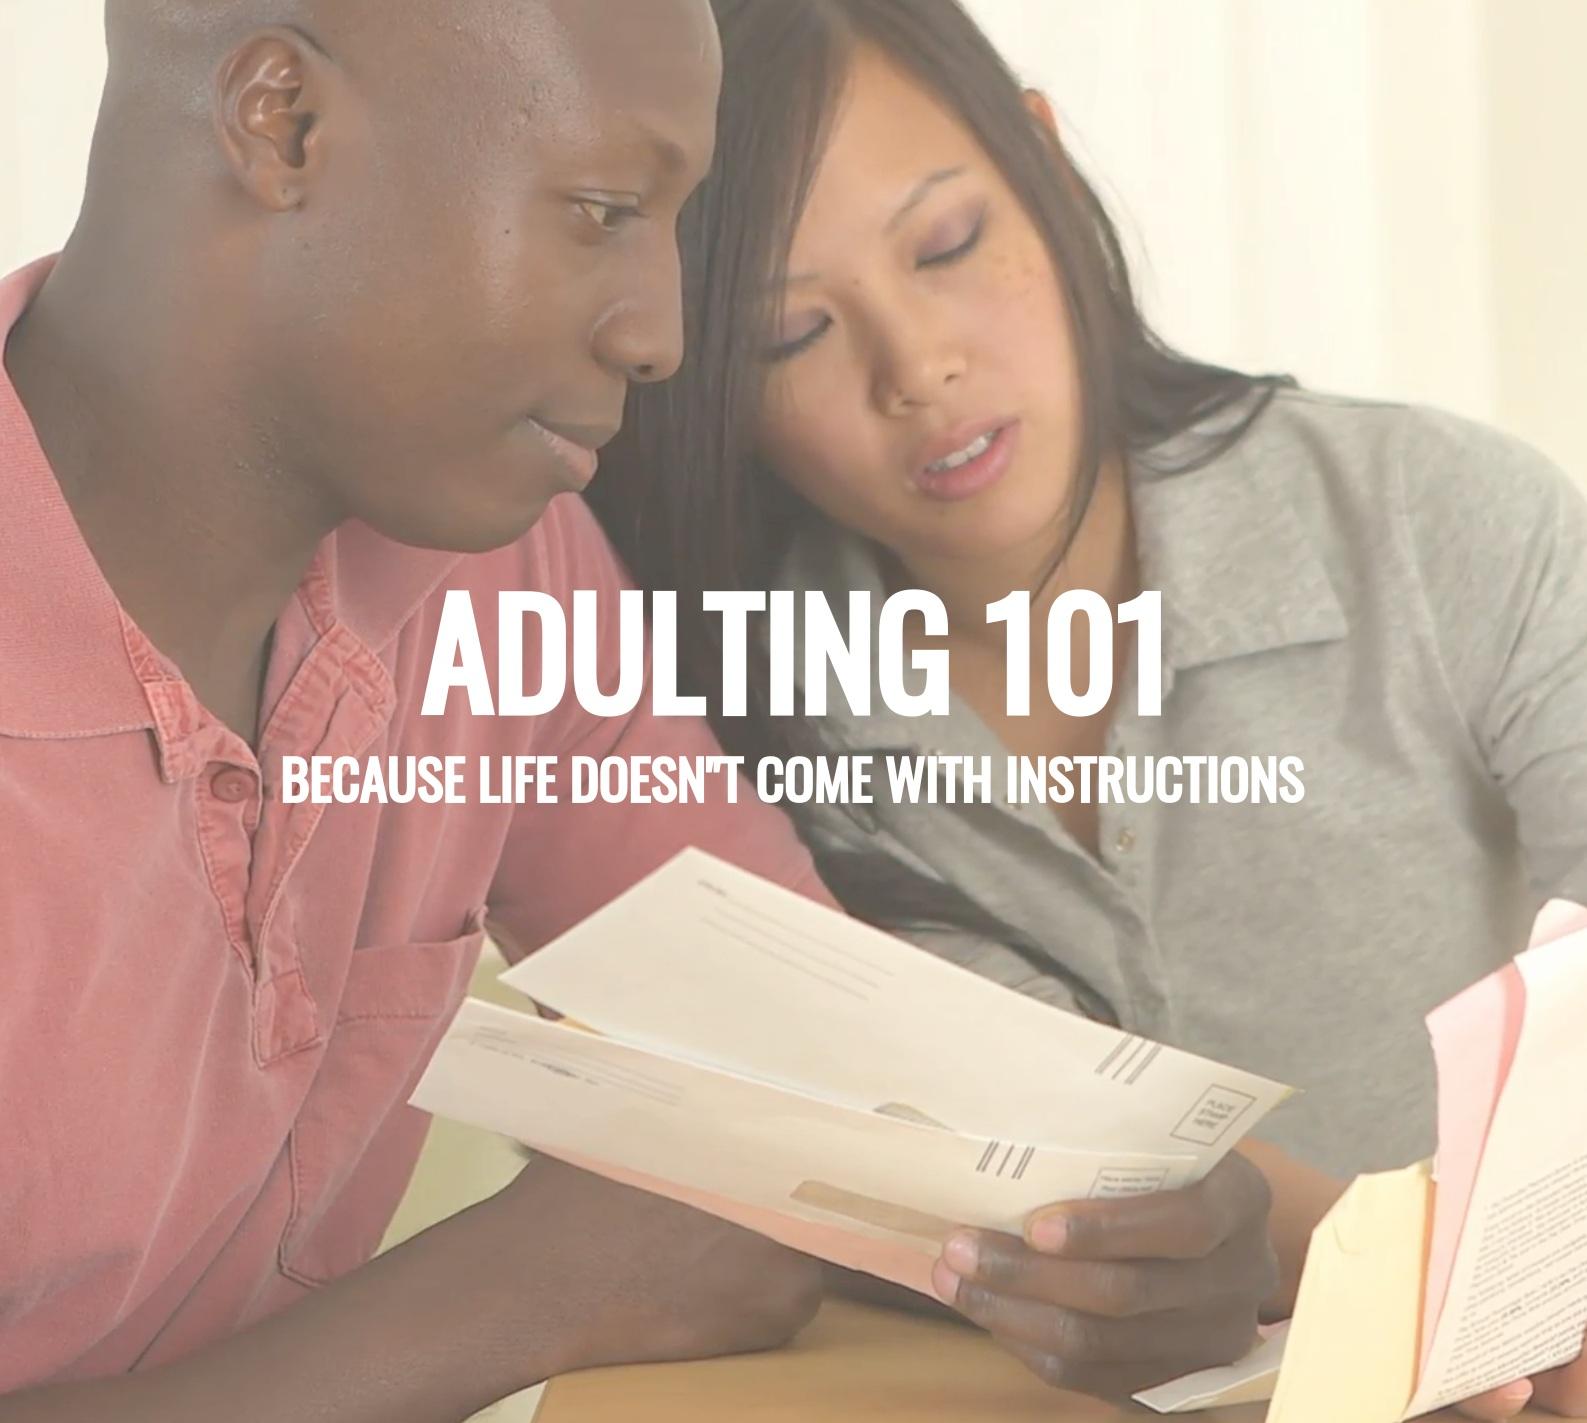 Adulting+101+version+1.jpg